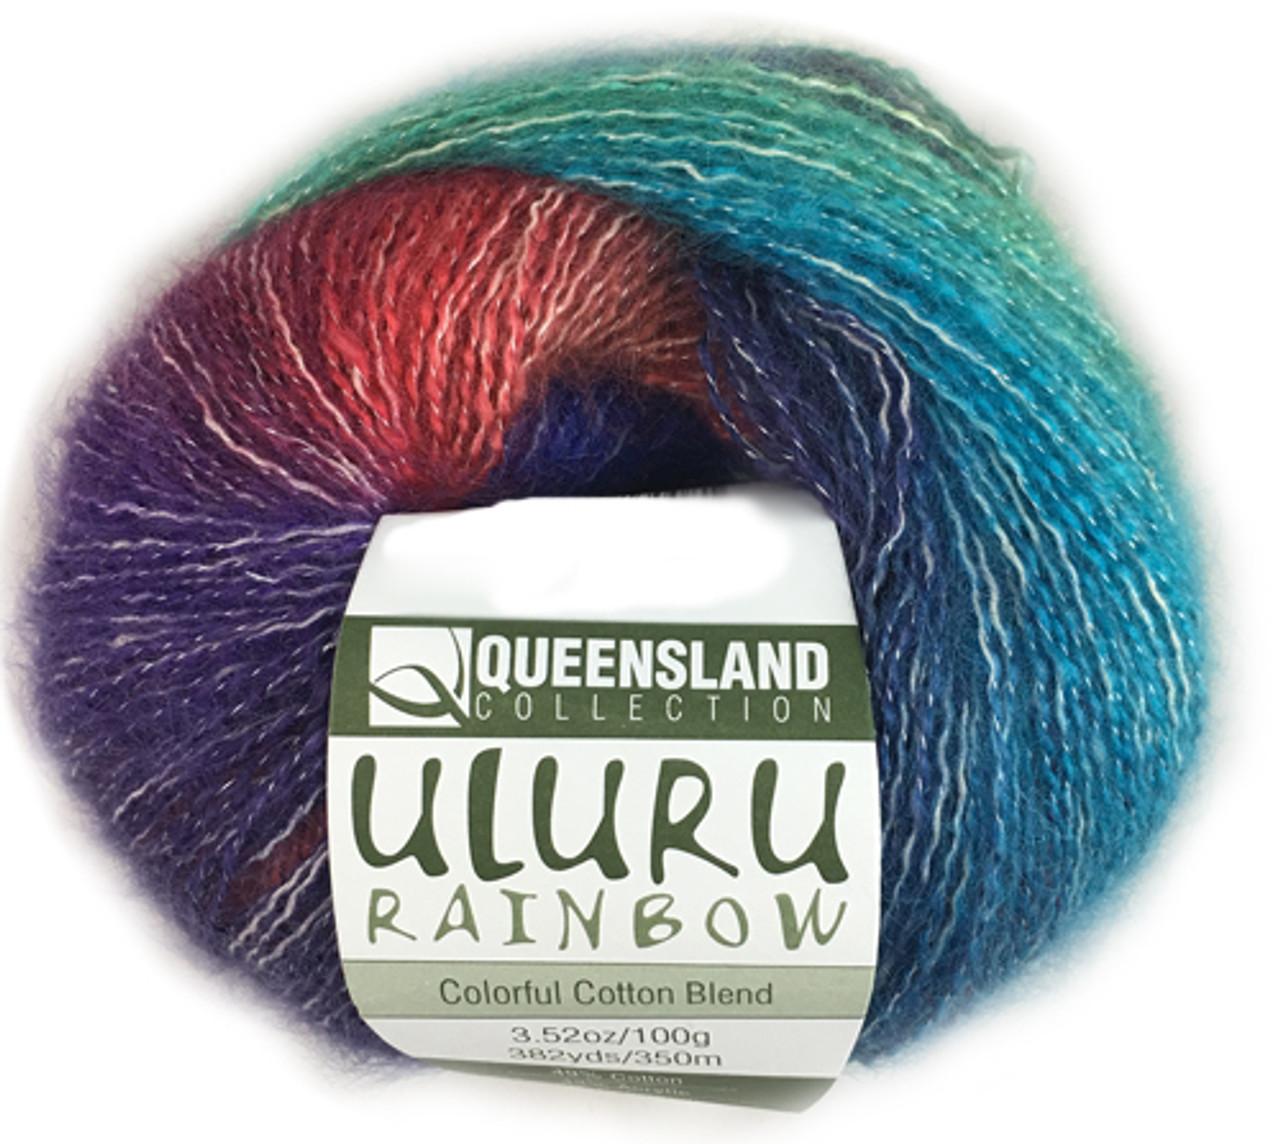 Queensland Yarn - Uluru Rainbow   Angelika's Yarn Store